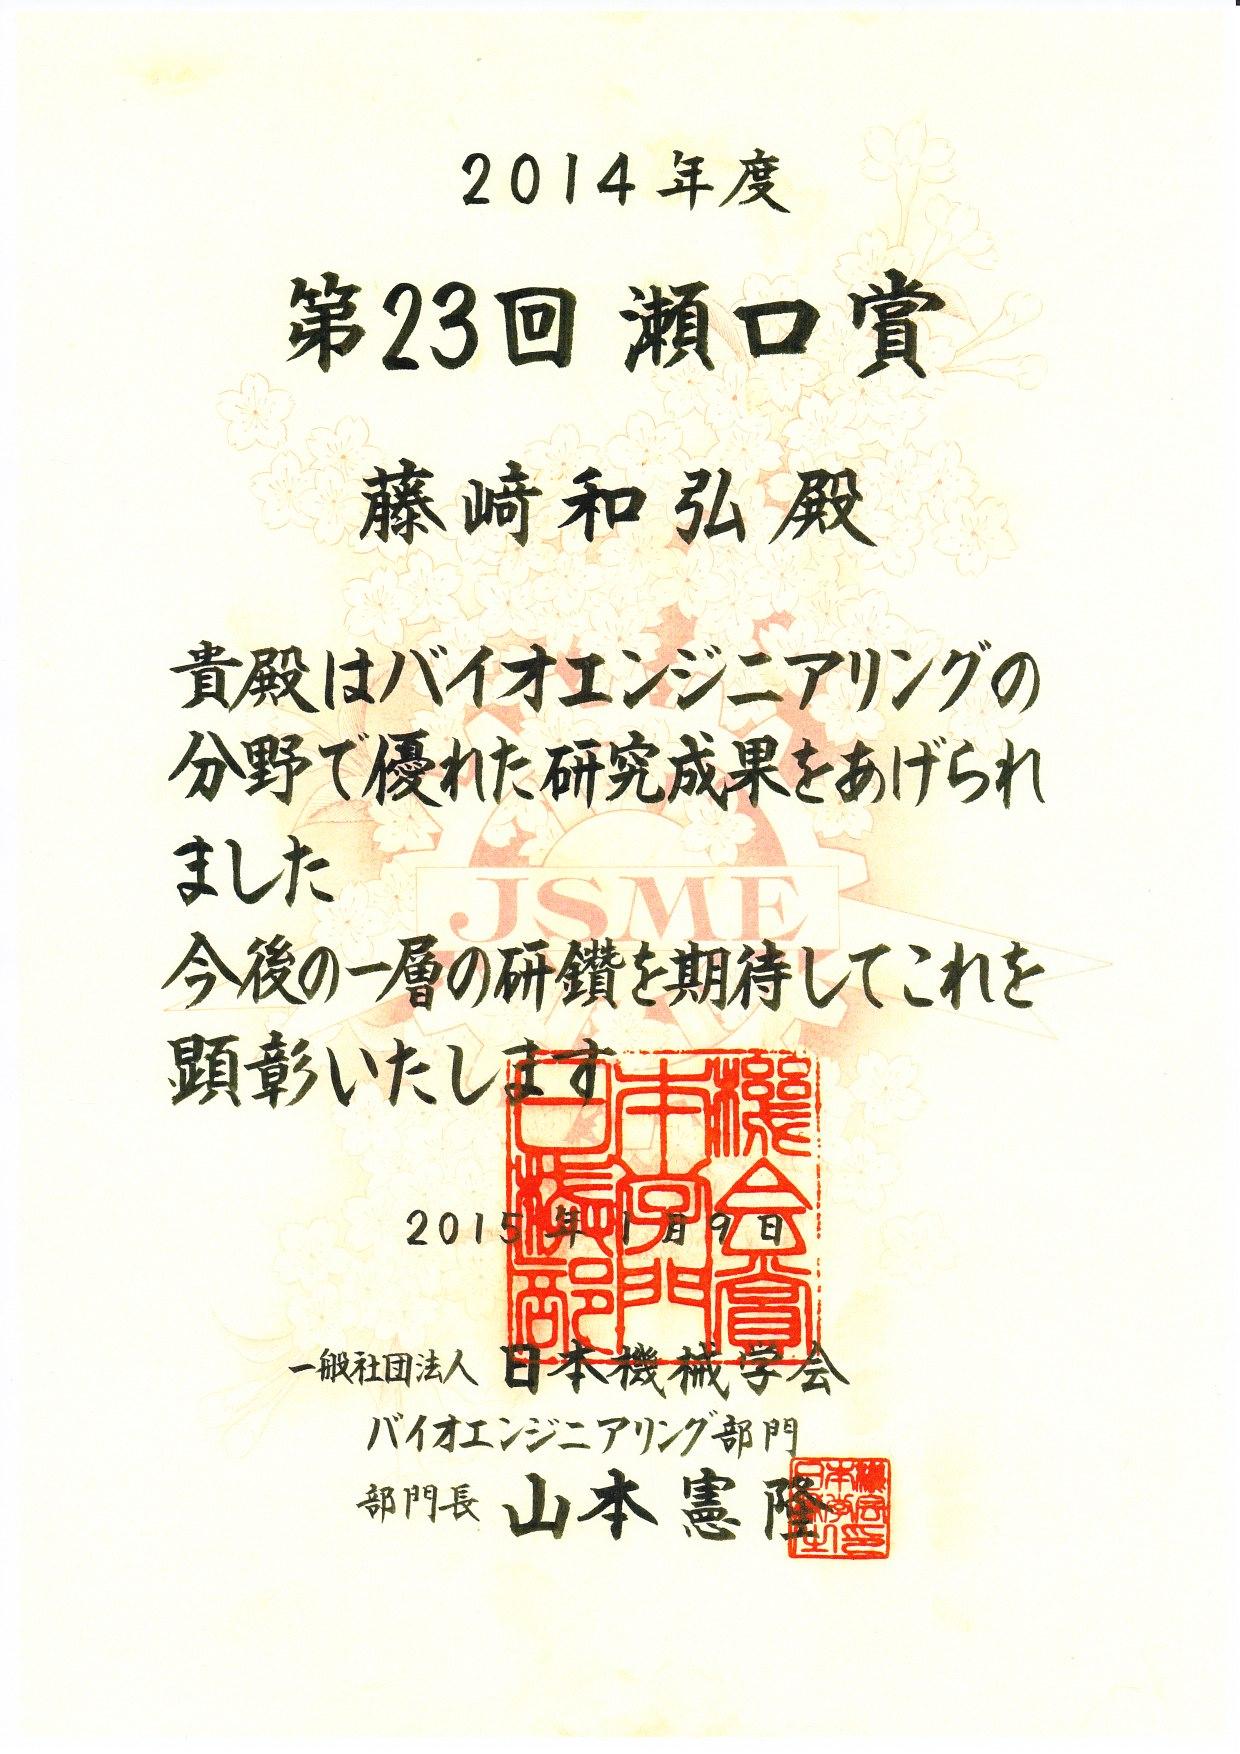 fujisaki_scan